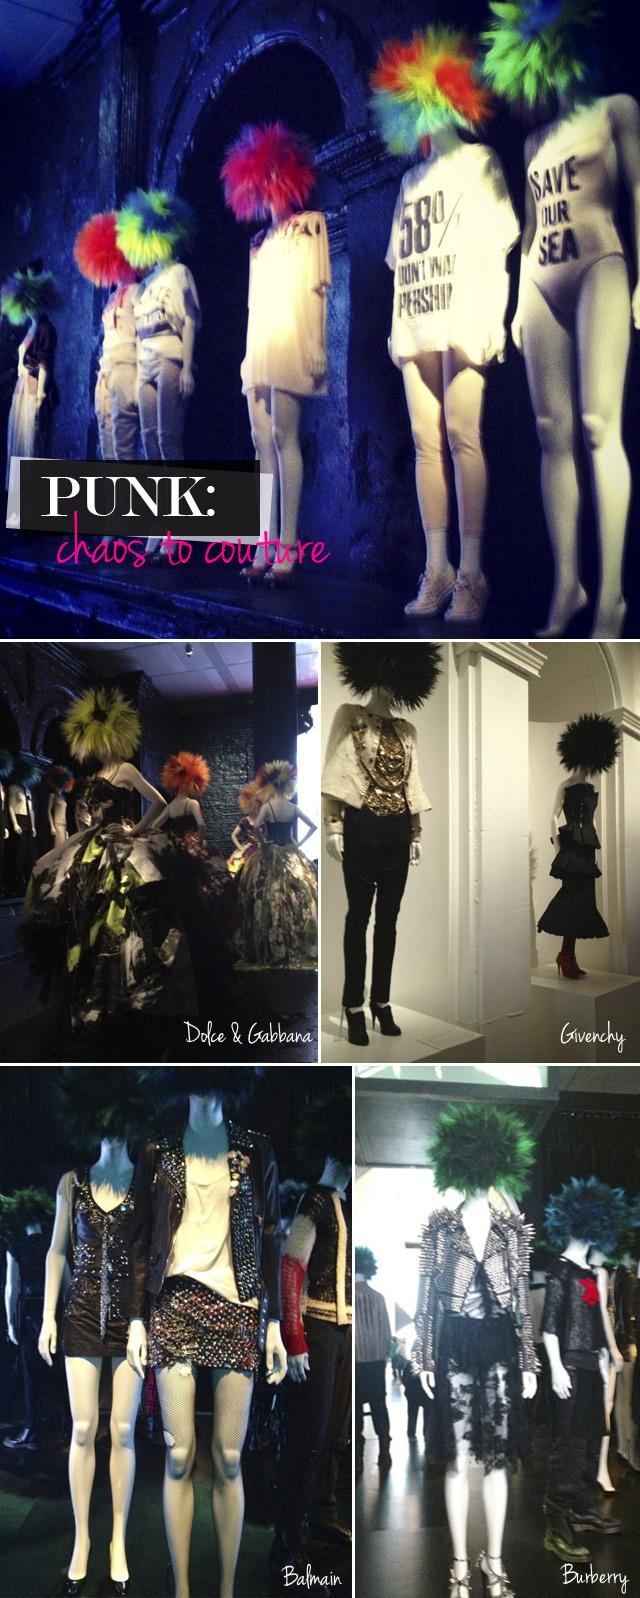 blog-da-alice-ferraz-exposicao-punk-met